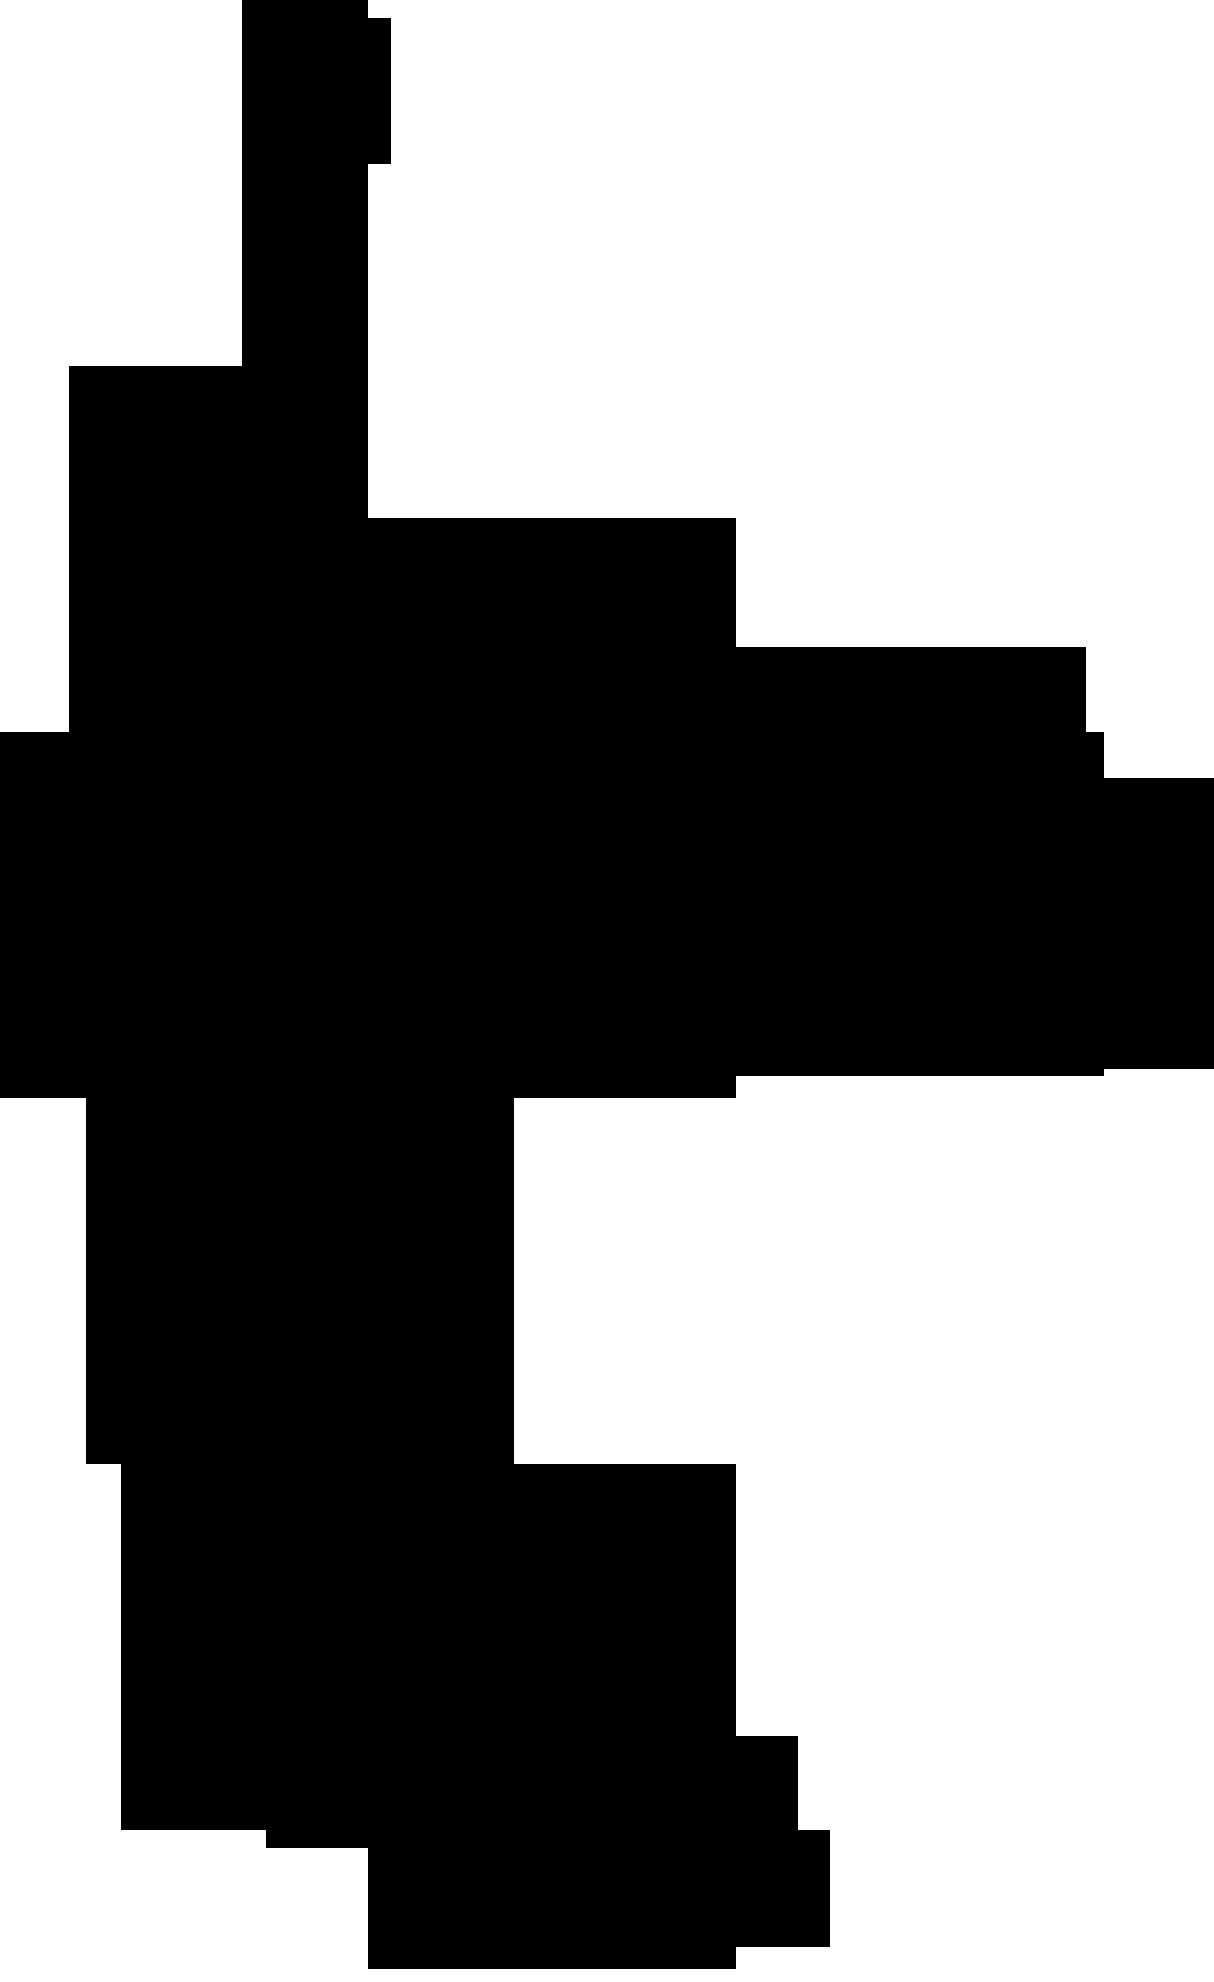 Clipart guitar silhouette. Guitarist at getdrawings com